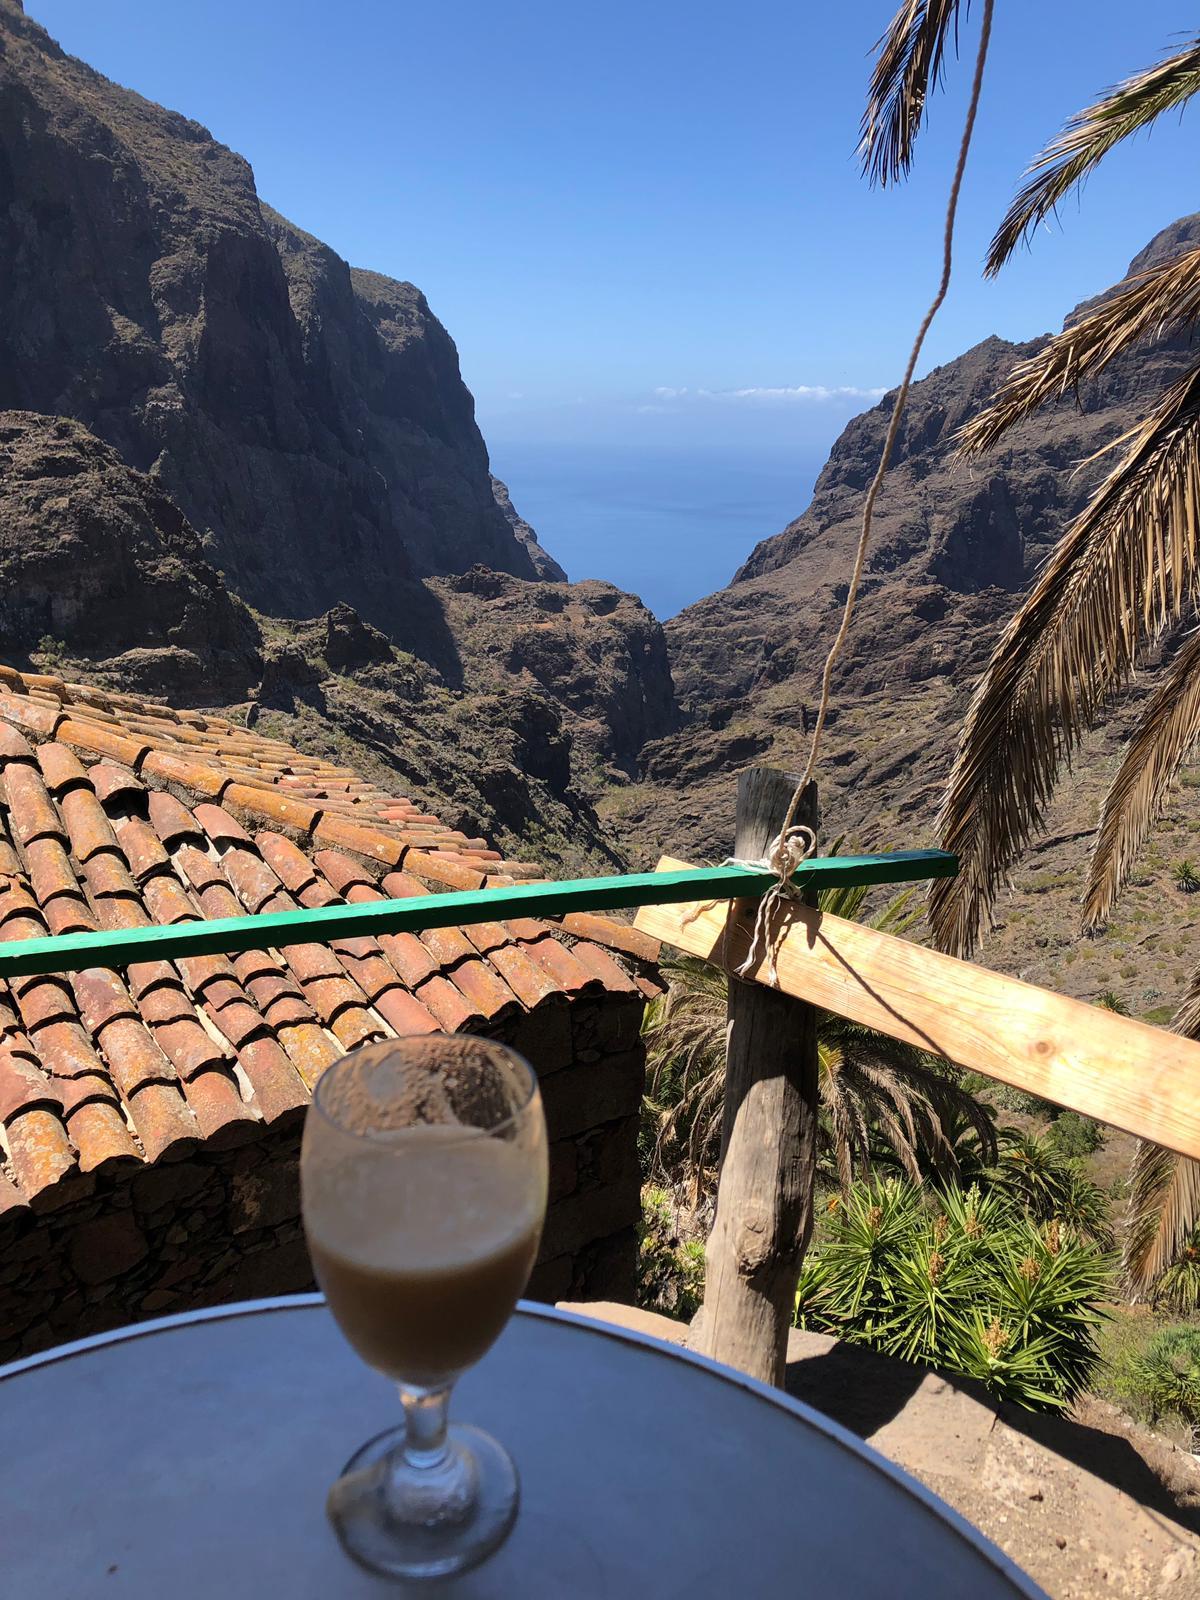 un zumo fresco recién hecho en la terraza de Casa Riquelme en Masca